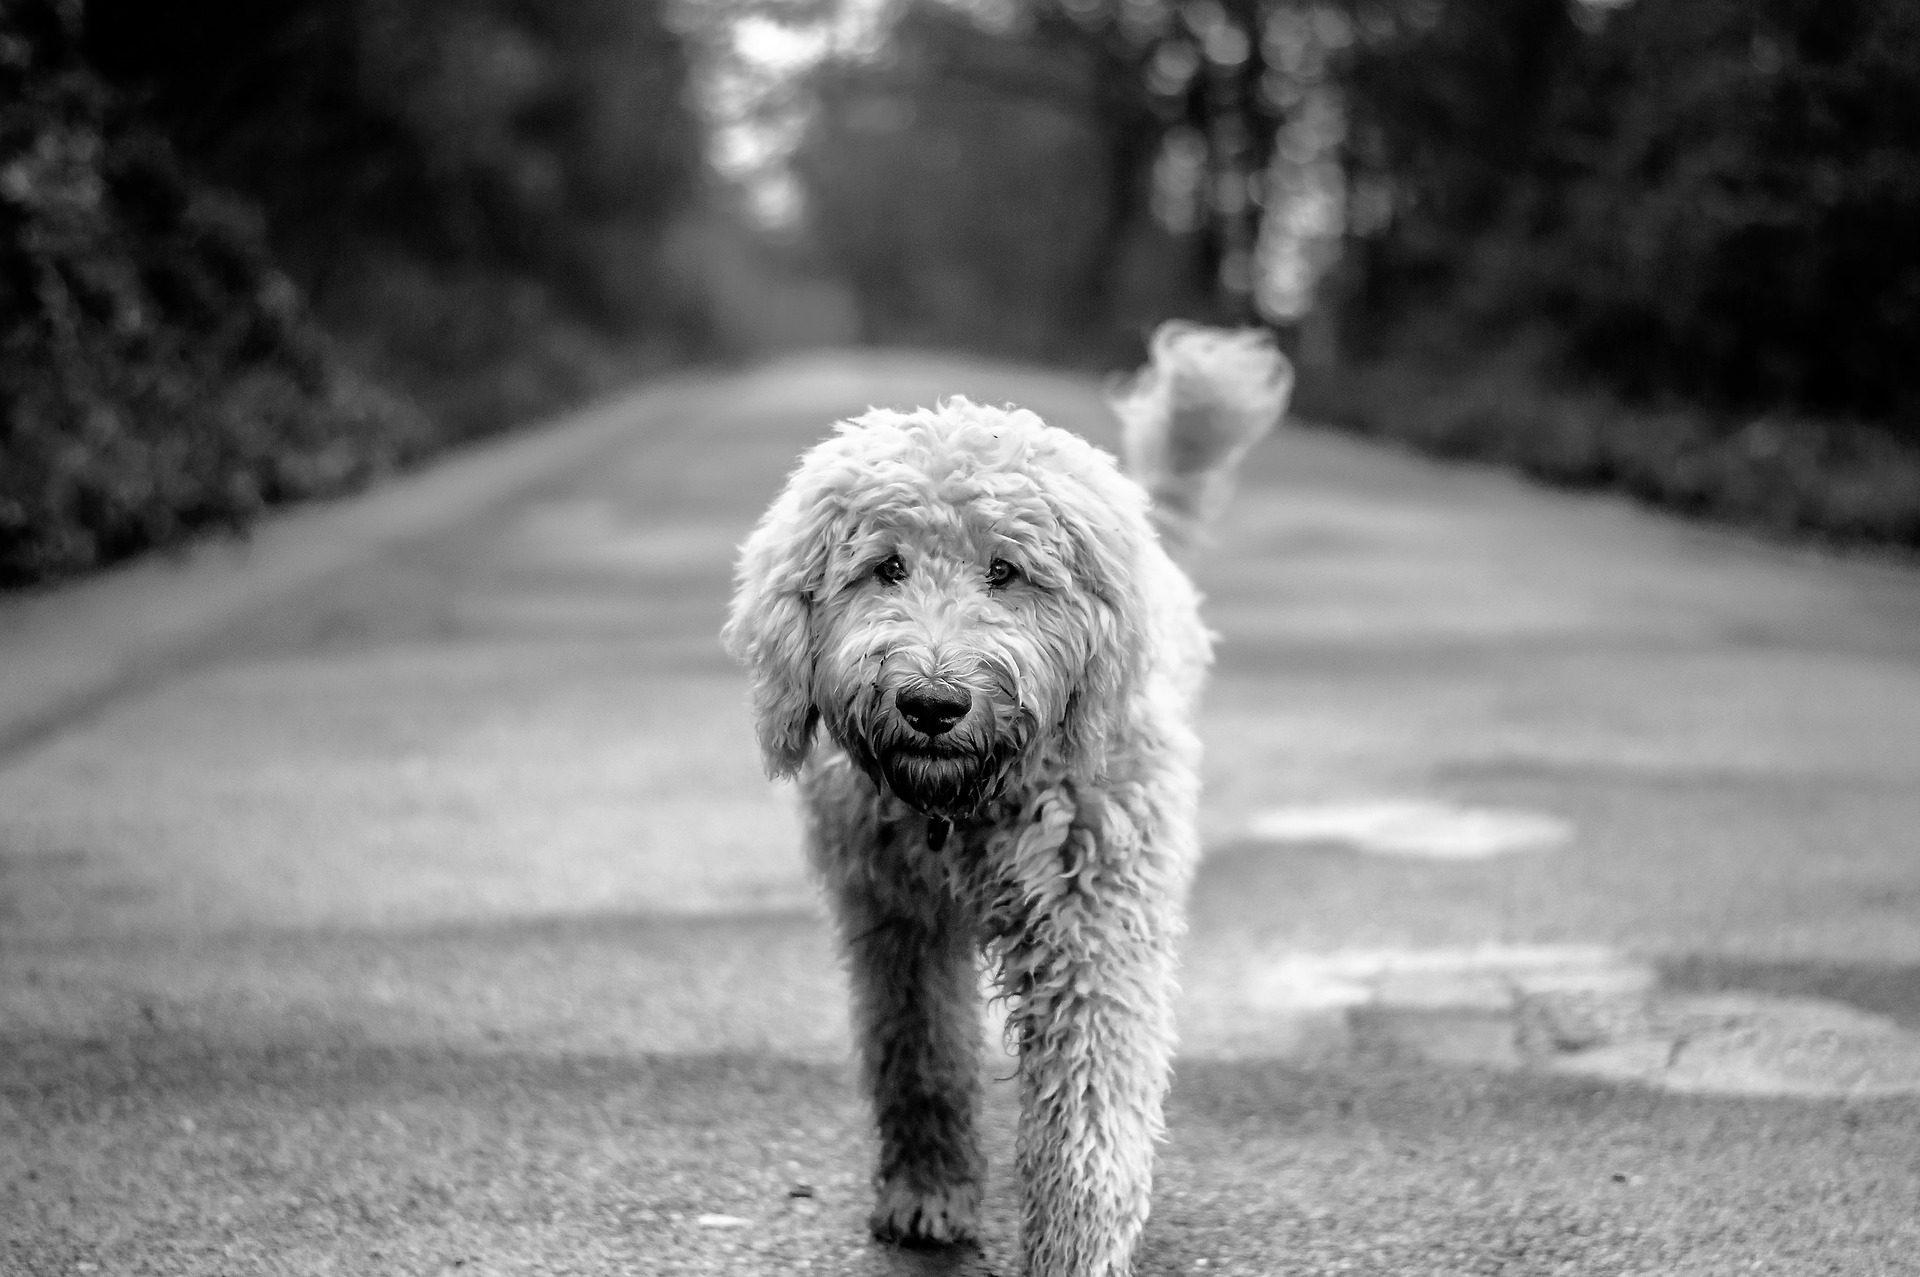 собака, Домашнее животное, друг, Мех, Дорога, в черно-белом - Обои HD - Профессор falken.com